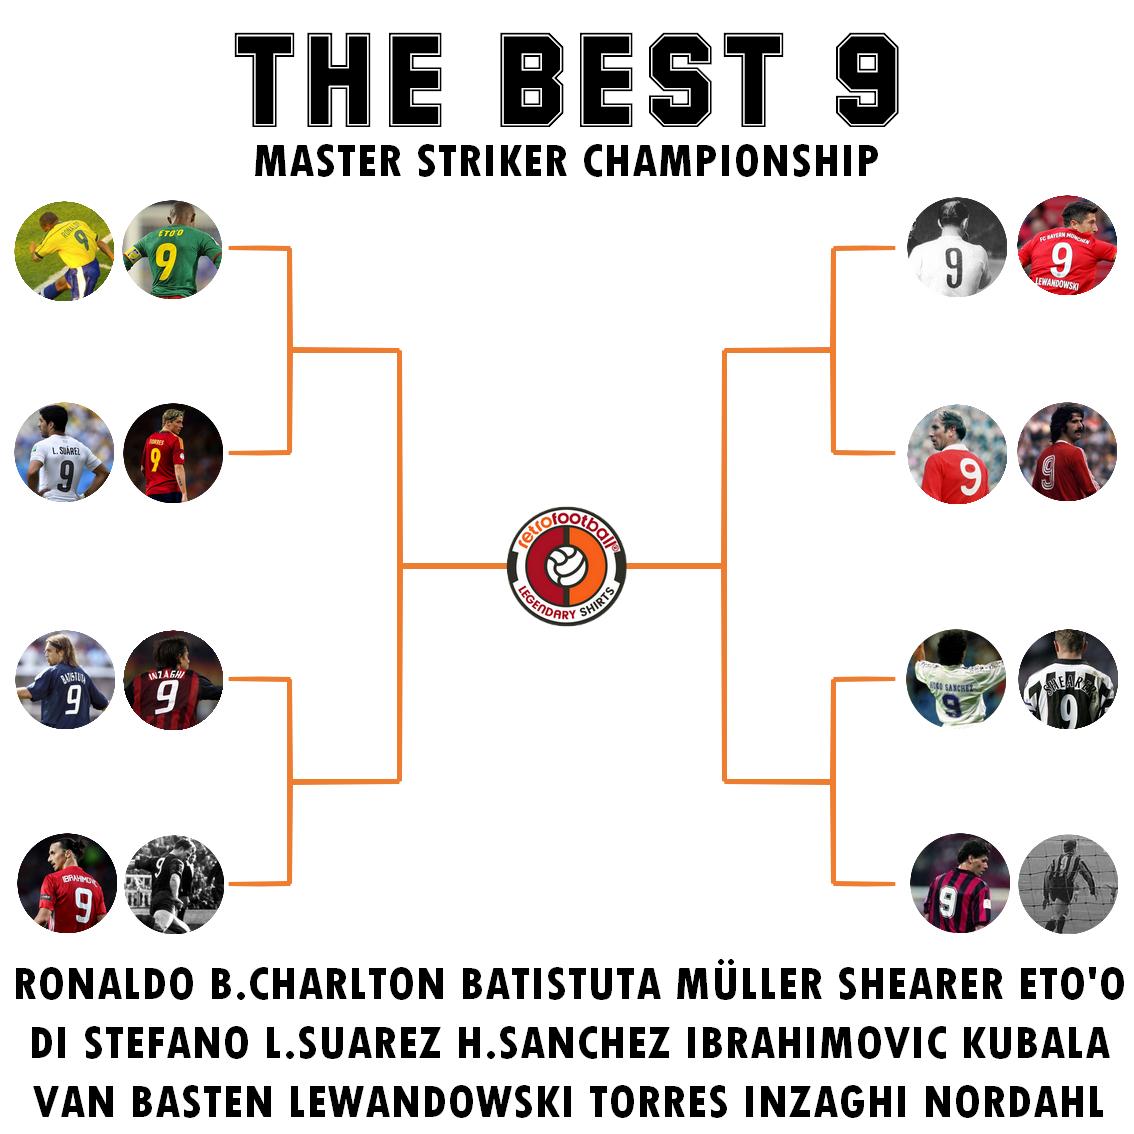 El mejor 9 : el mejor delantero de la historia del fútbol